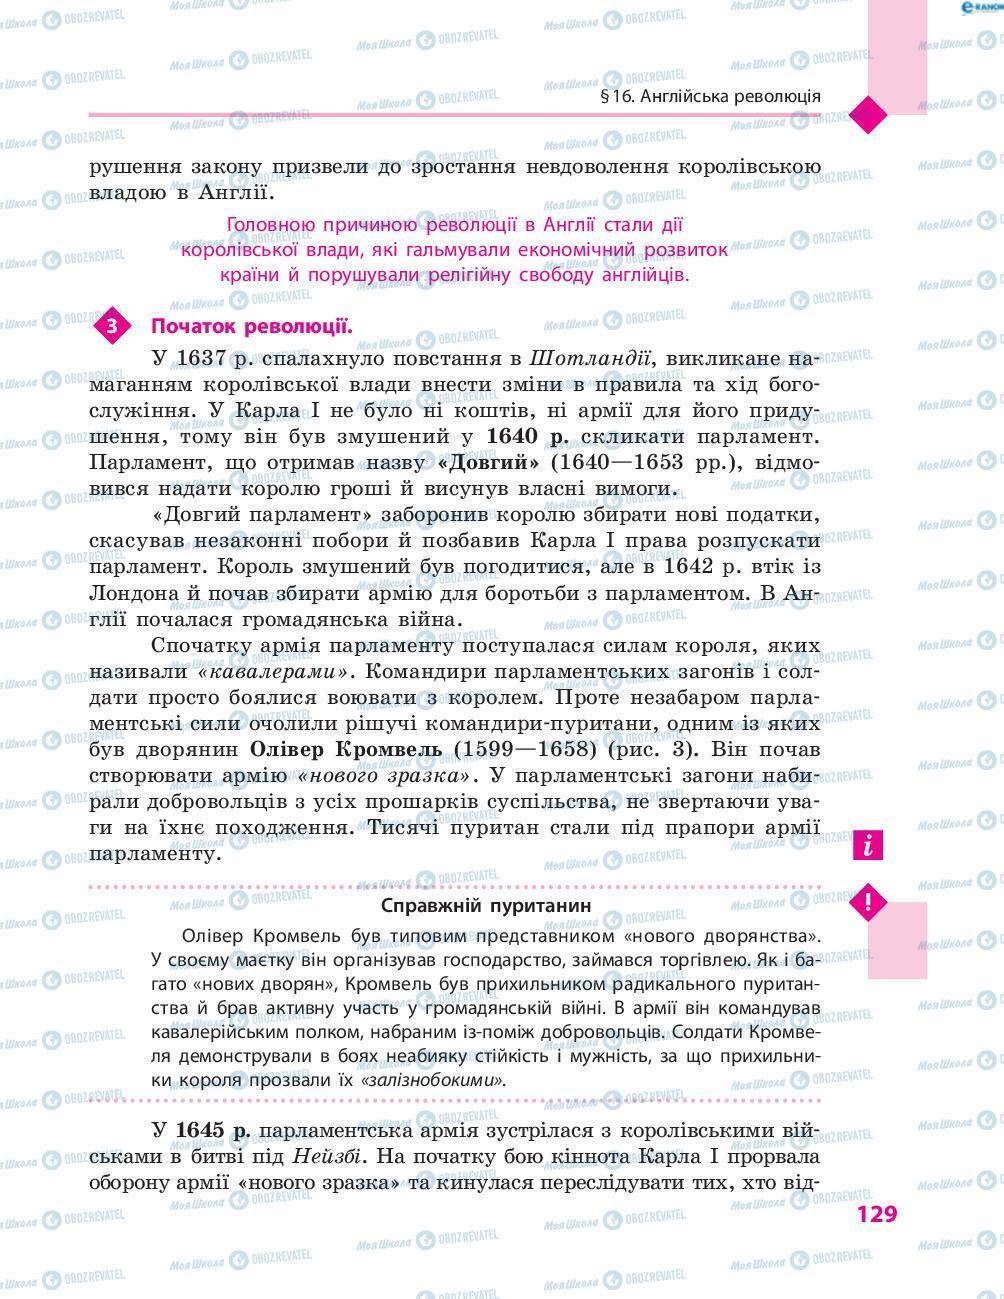 Учебники Всемирная история 8 класс страница 129